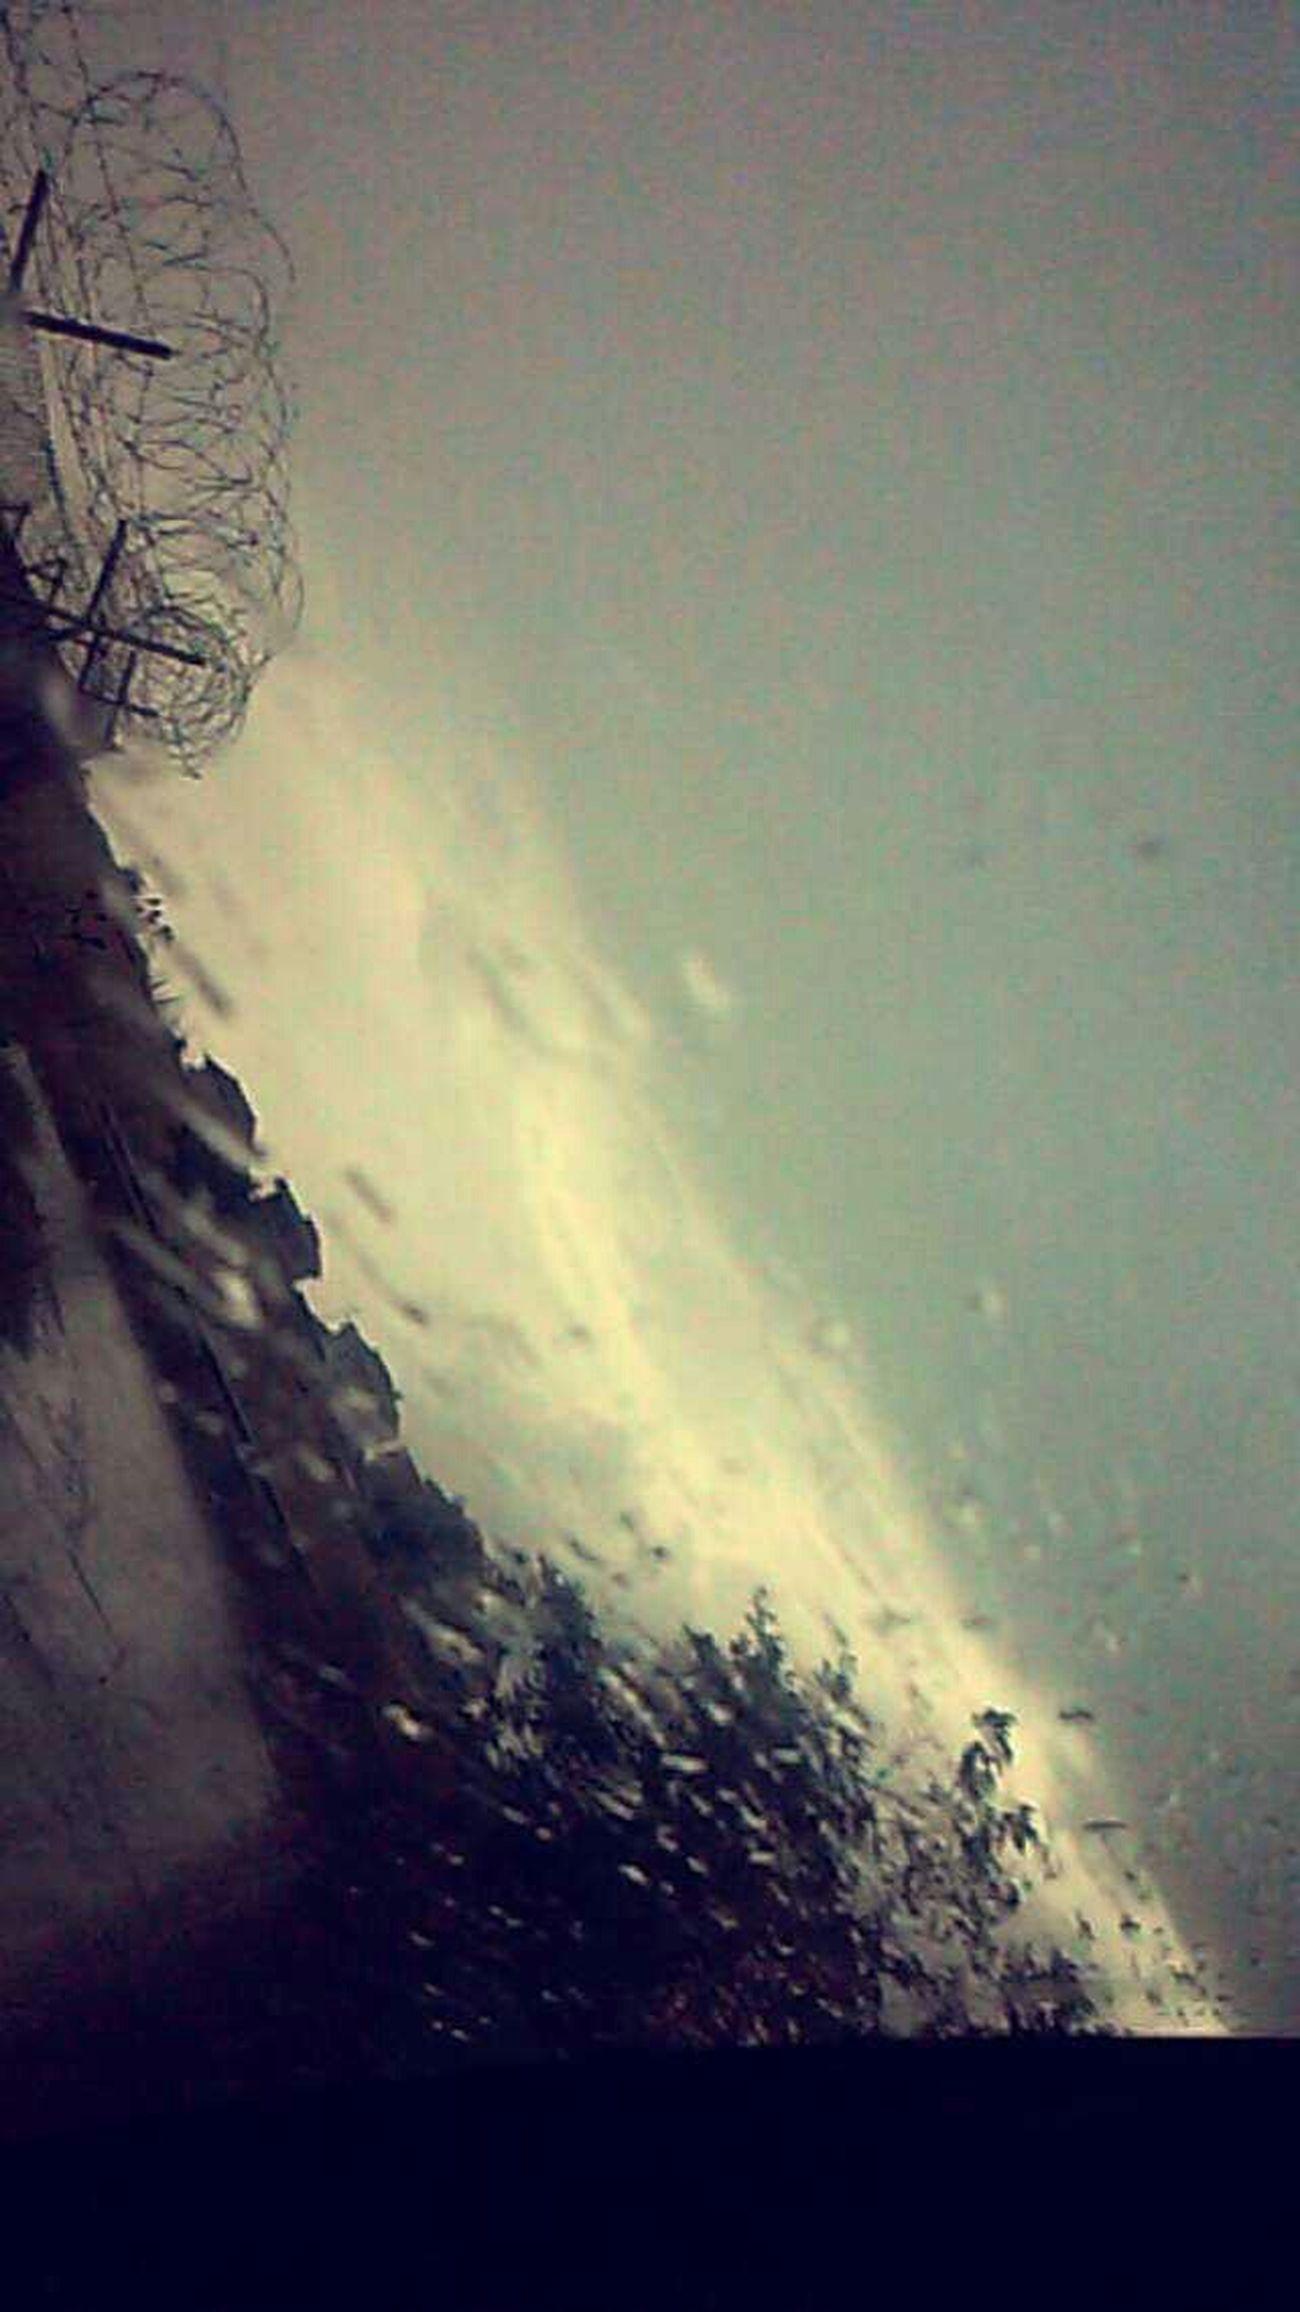 Rain Ridingaround Taking Photos Feeltherain Reflecting... Lovetherain Natureoutside Art Everythingisart Artlivesevenafterdeath Naturelover Artlover RainLover